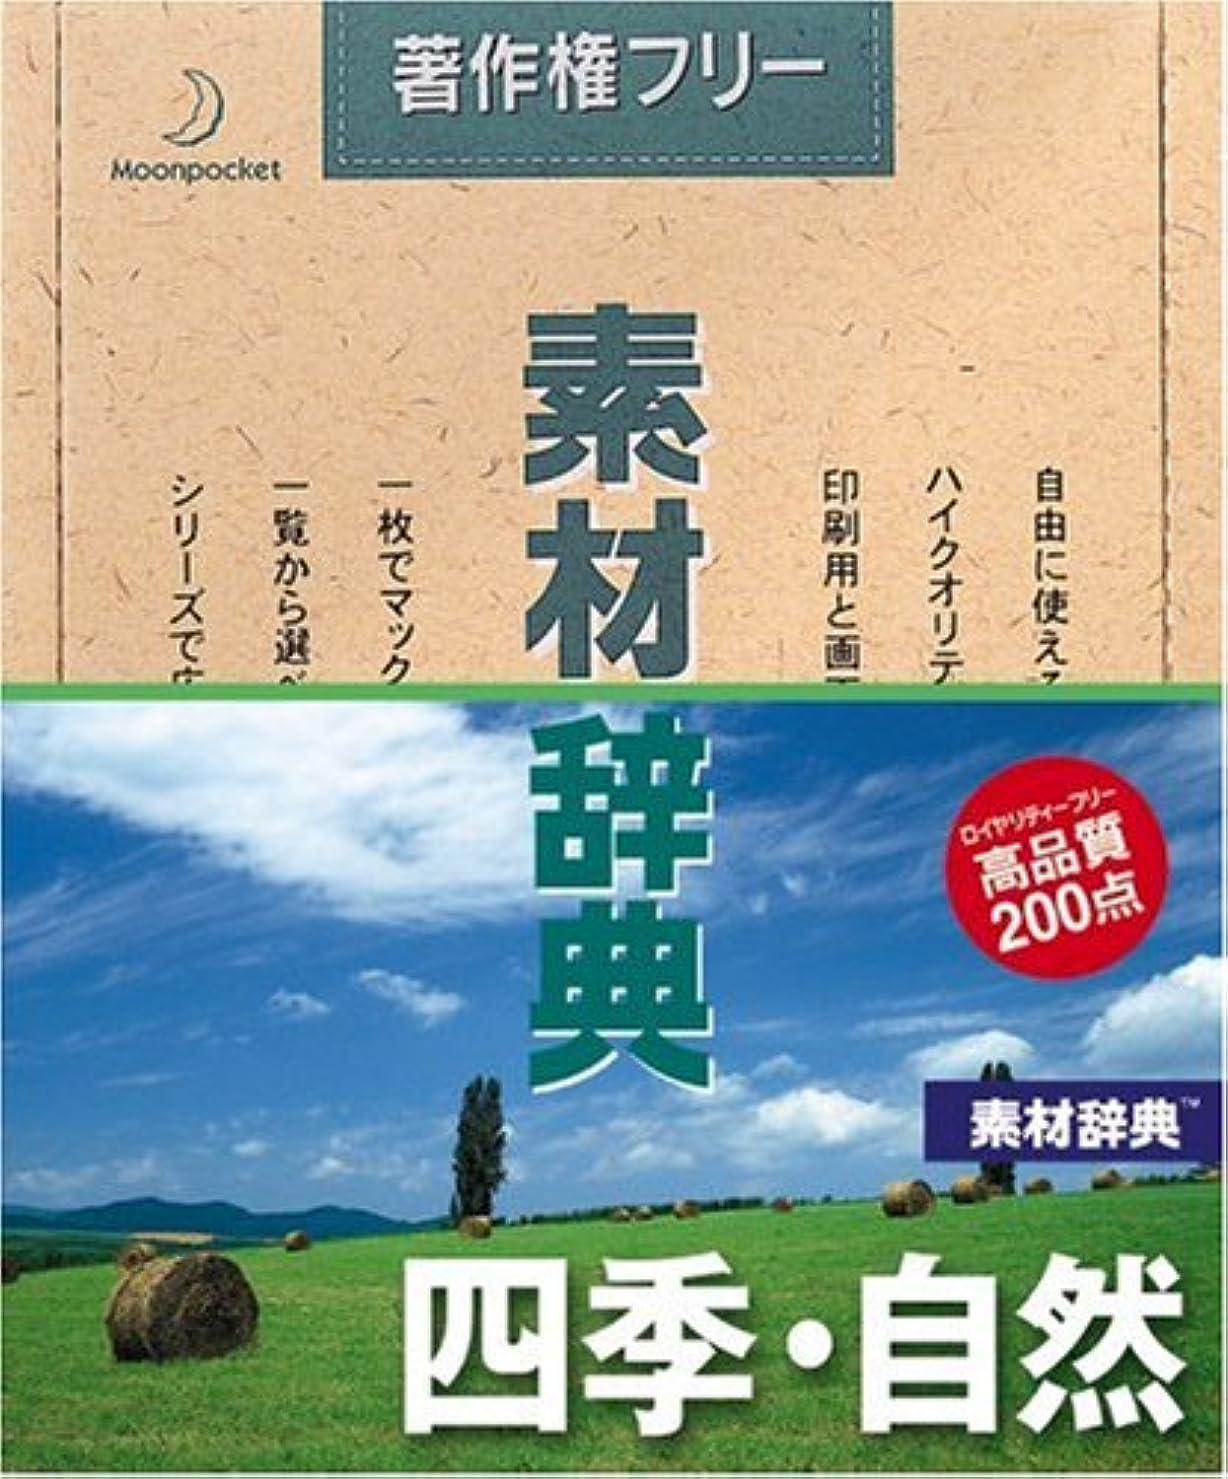 素材辞典 Vol.6 四季?自然編